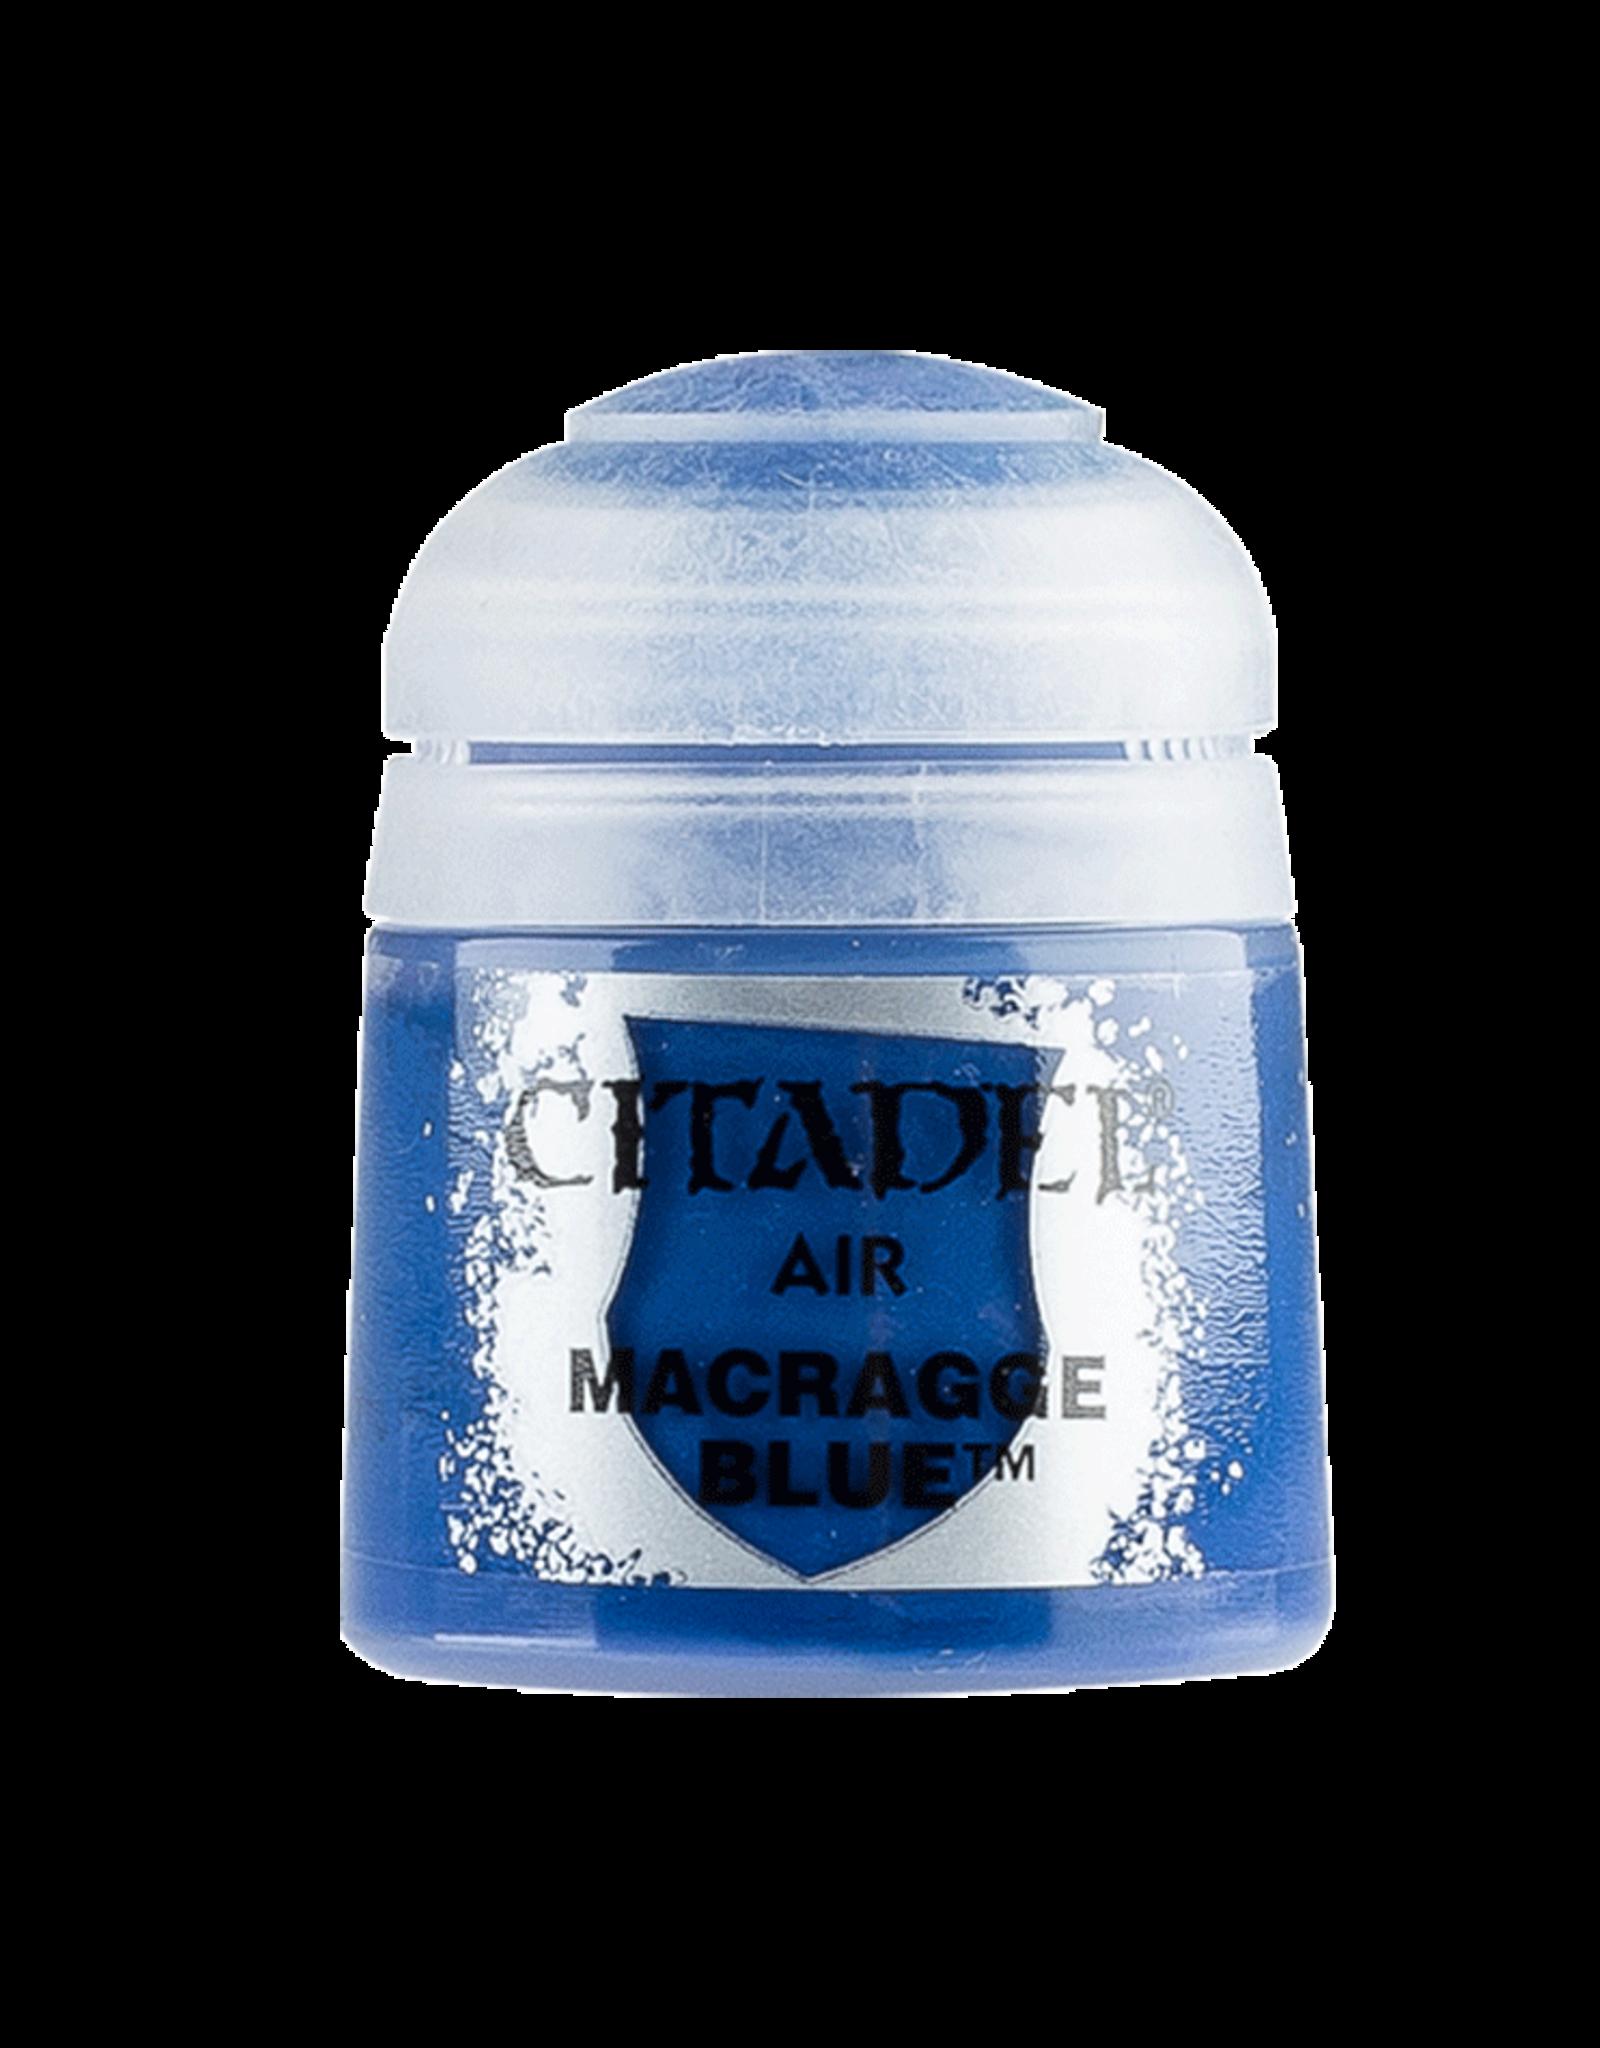 Citadel Citadel Air: Macragge Blue (24ml)